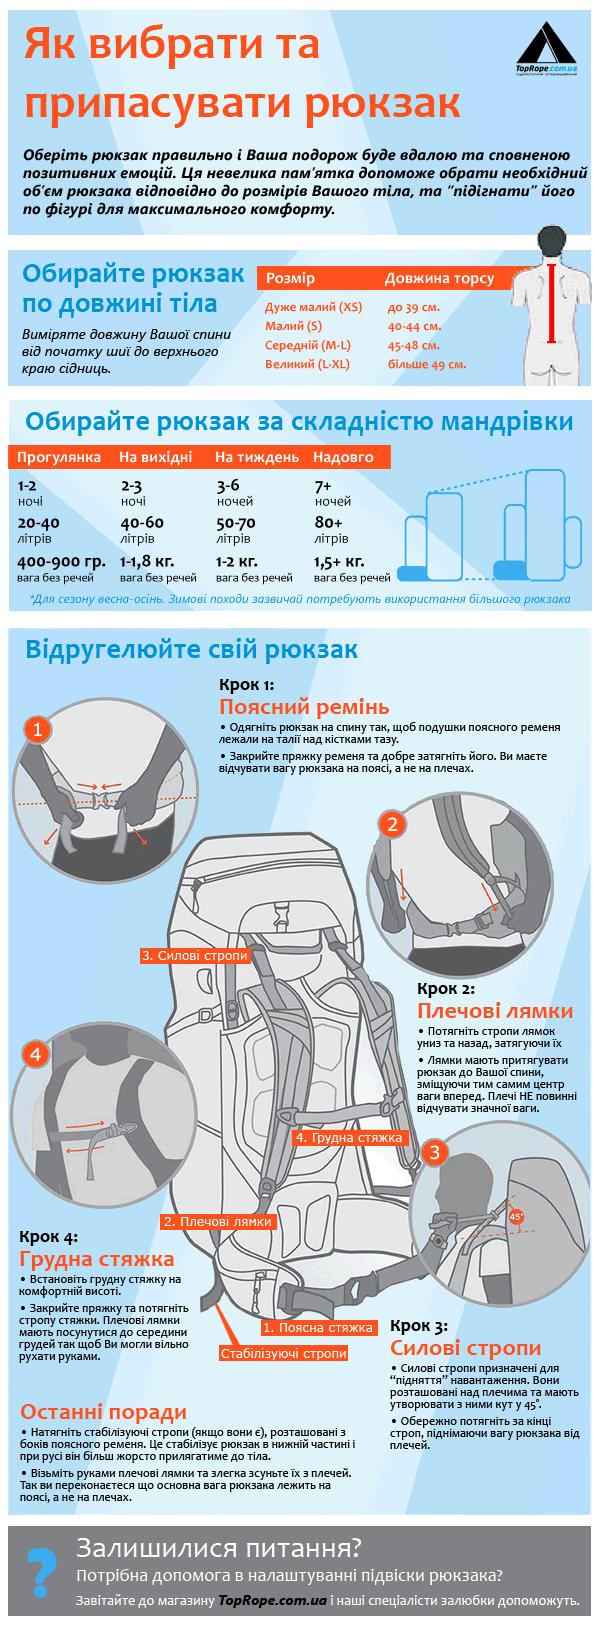 Як вибрати і припасувати рюкзак